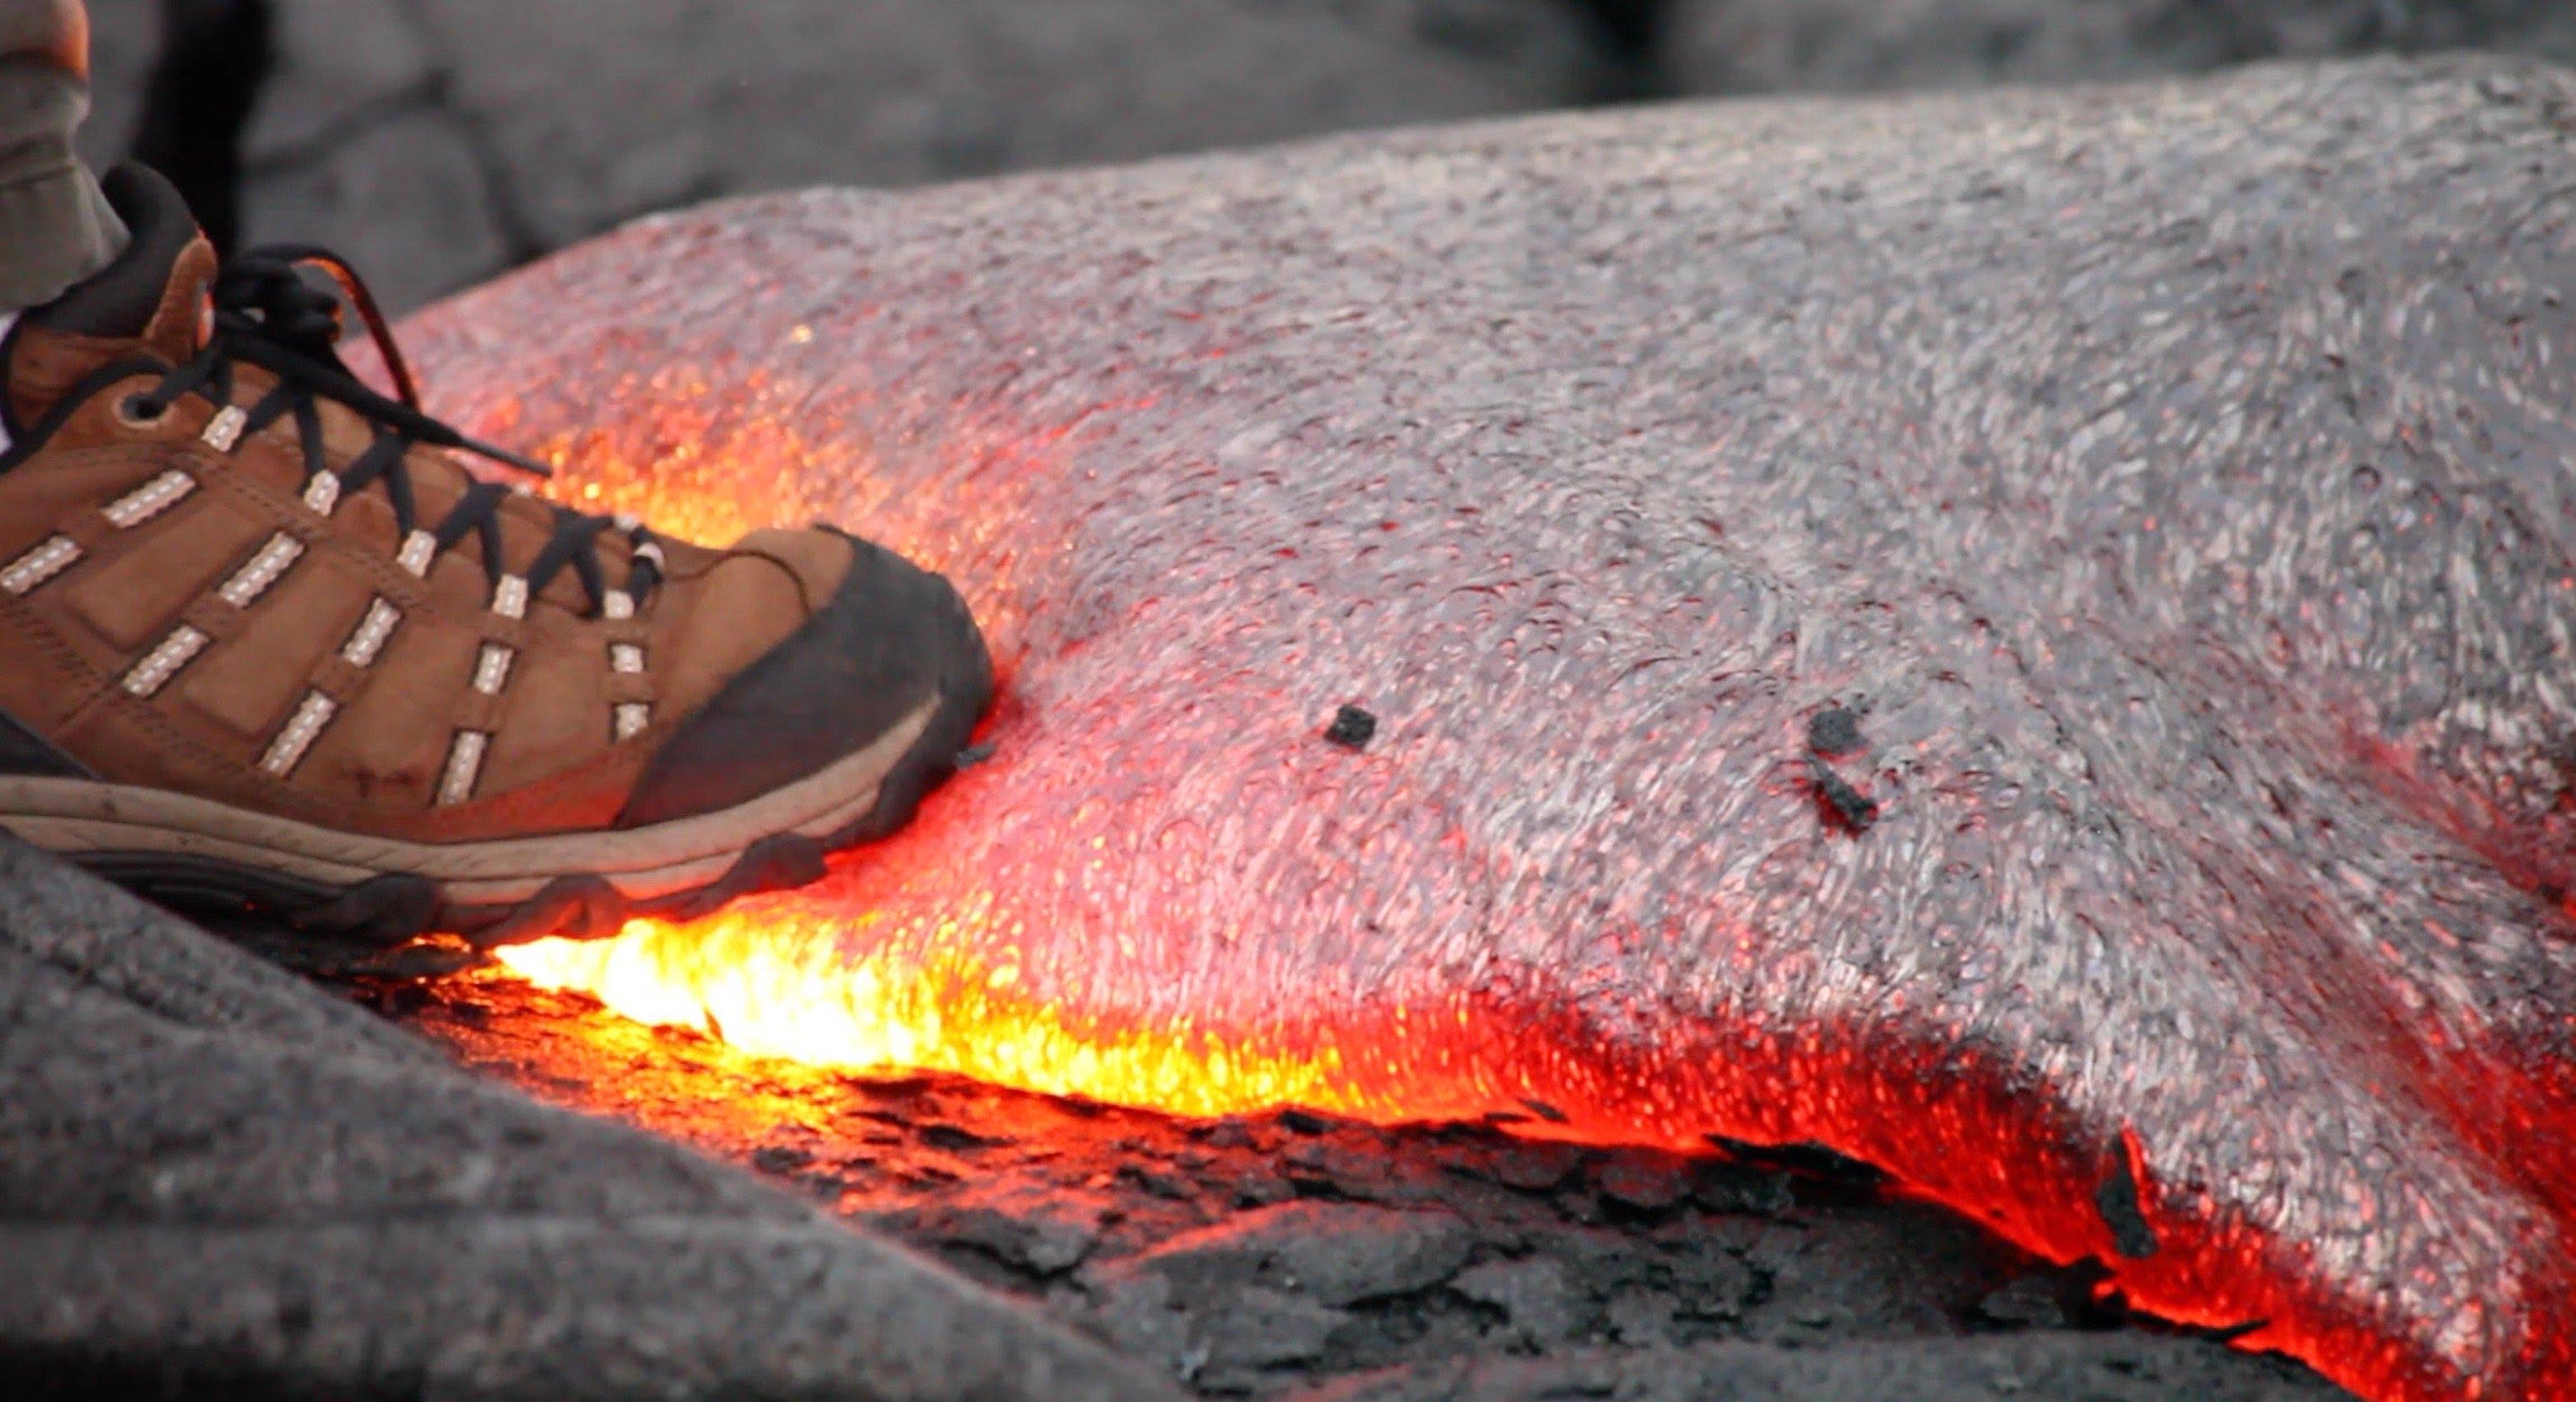 溶岩を靴で踏んだらどうなるのか分かる動画